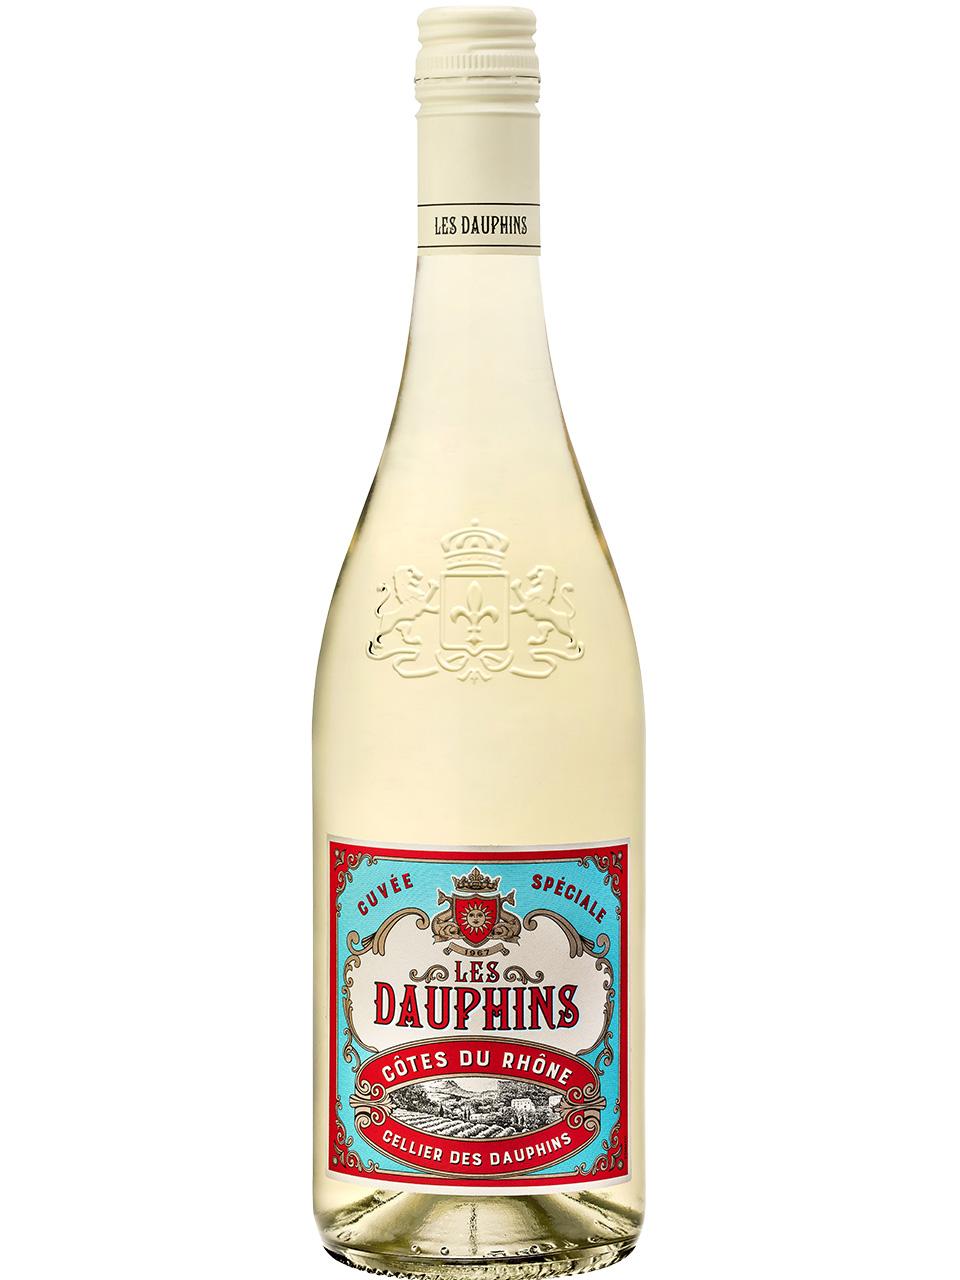 Les Dauphins Côtes du Rhône White